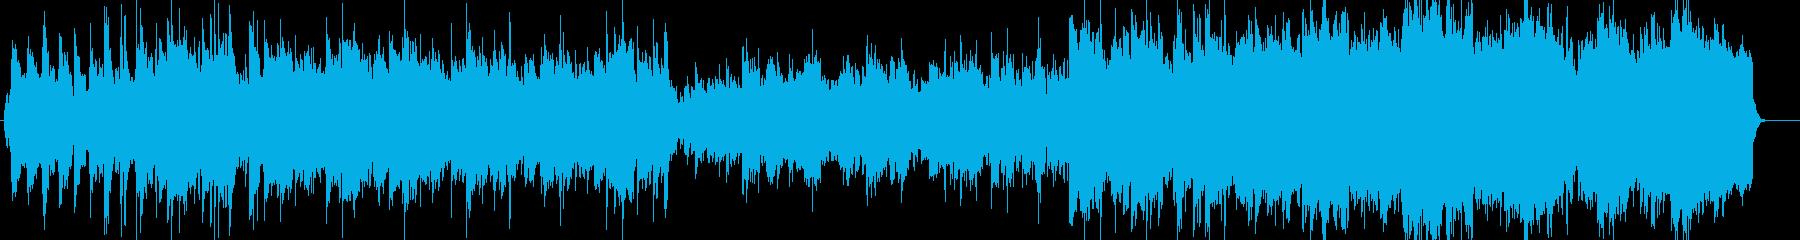 笛がメインのちょい和風なスロー曲の再生済みの波形